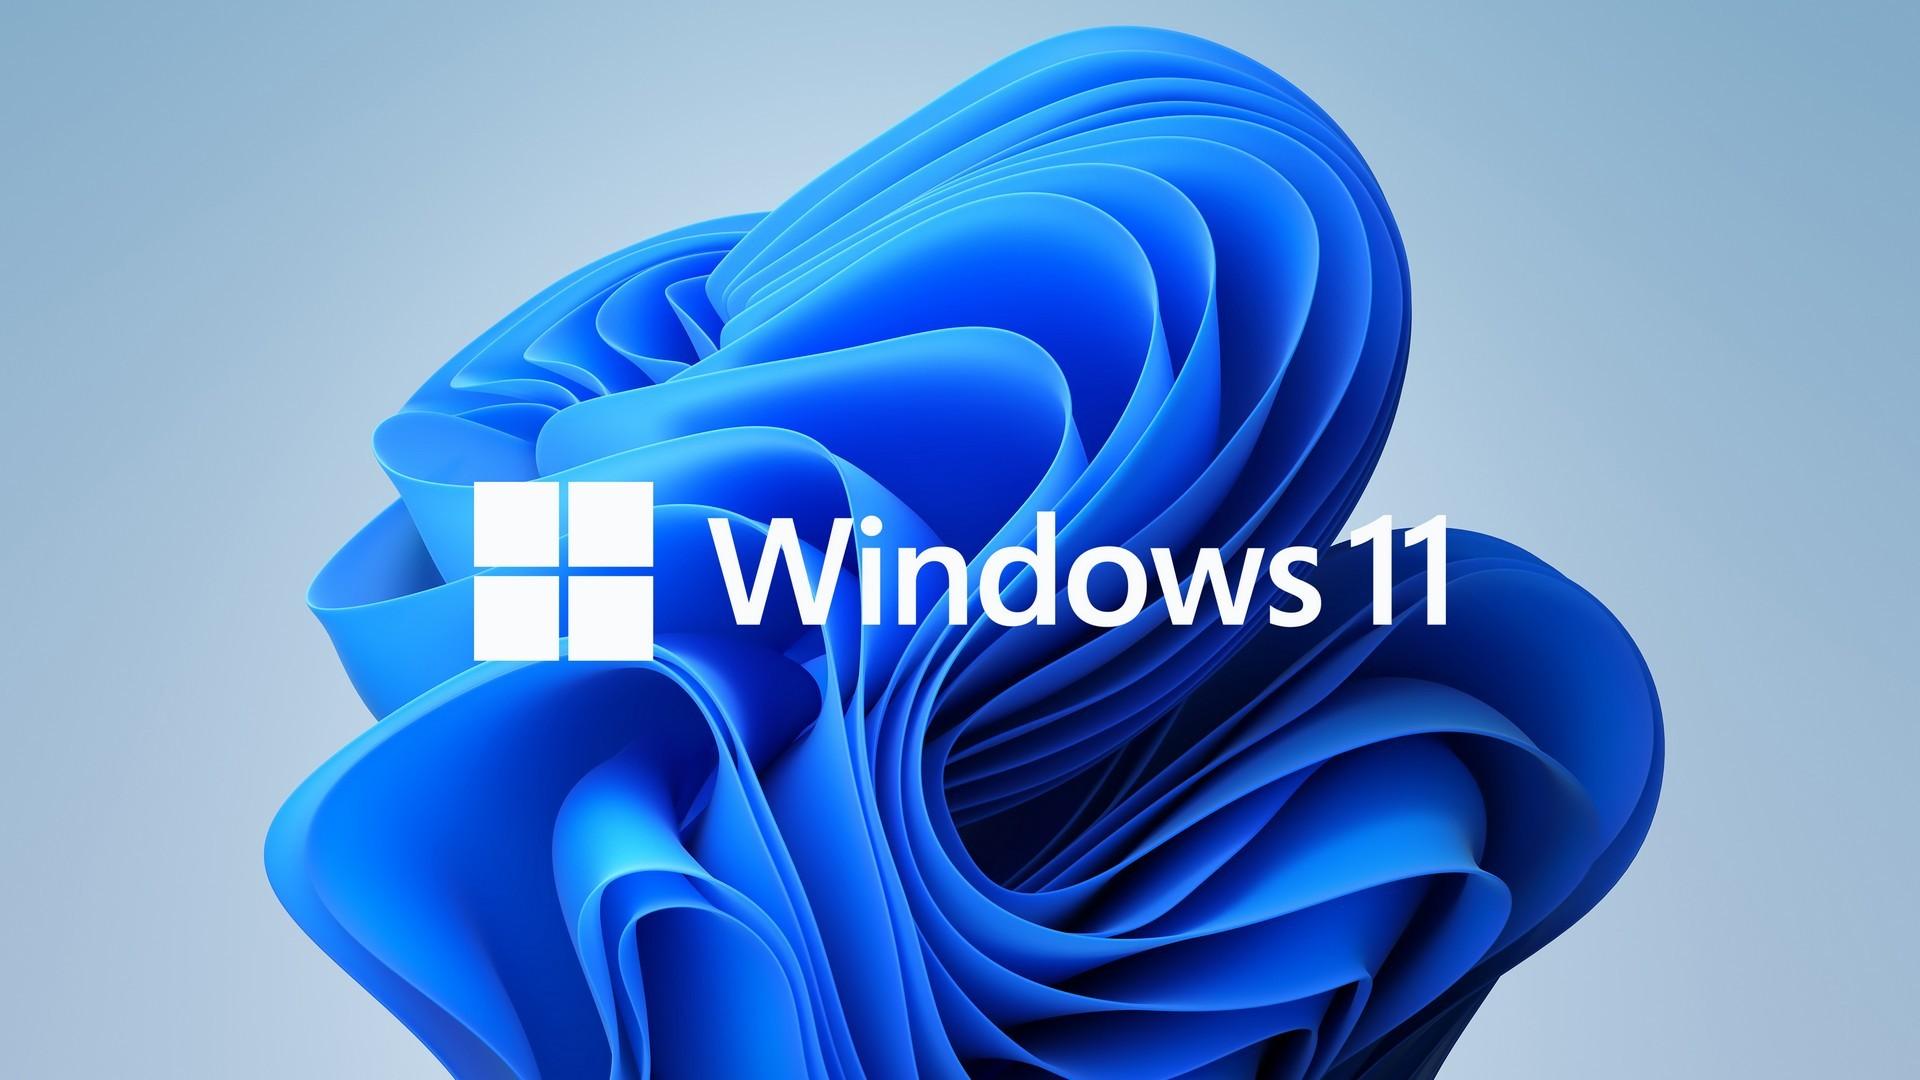 ويندوز 11 - Windows 11